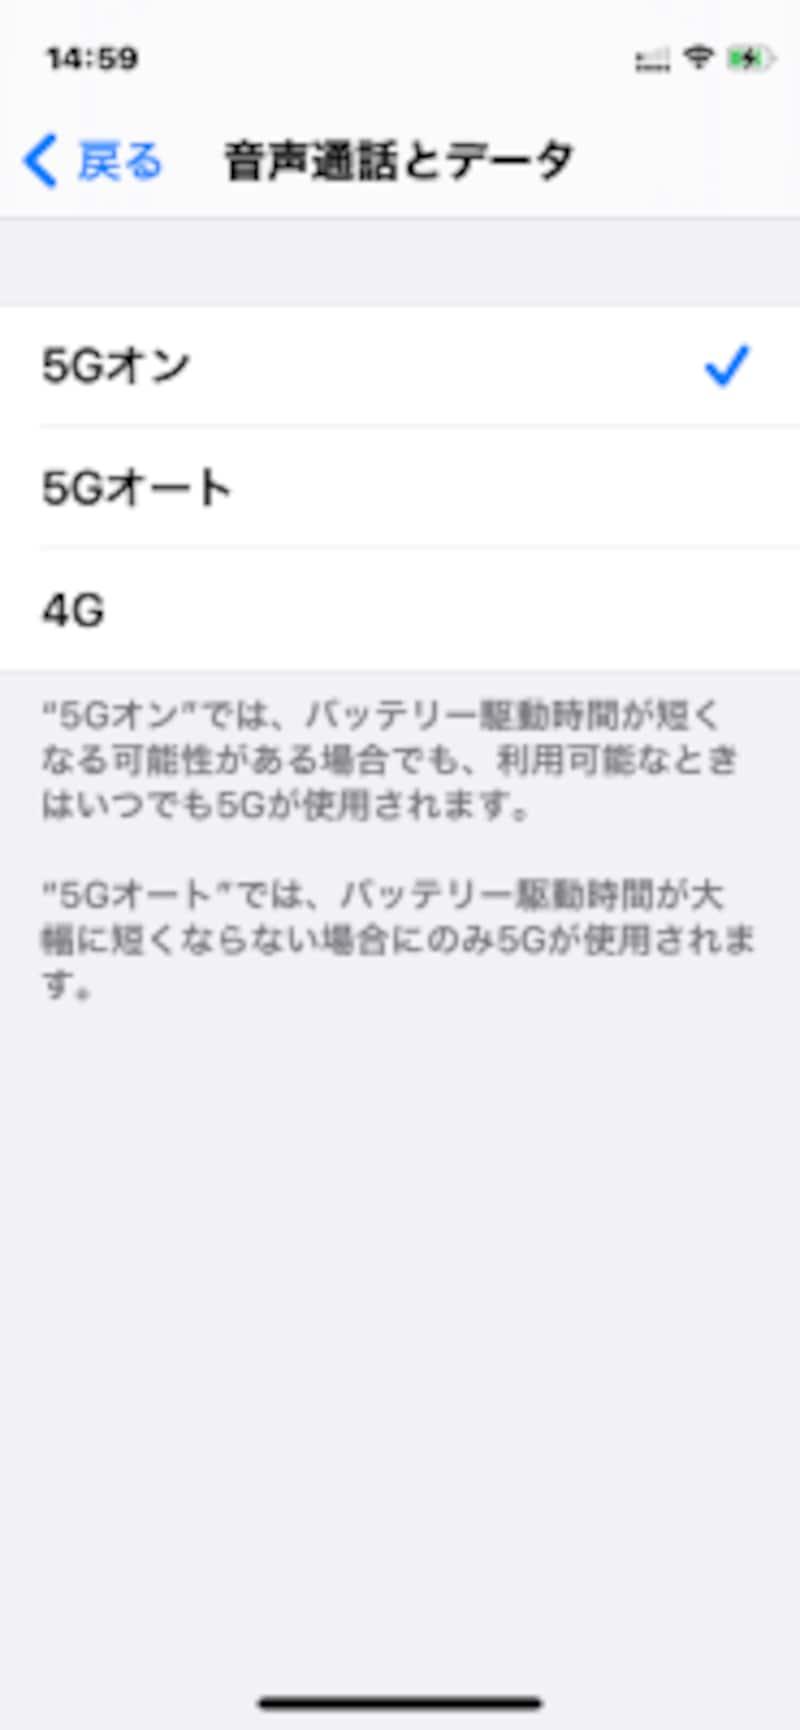 iPhoneの「音声通話とデータ」の設定